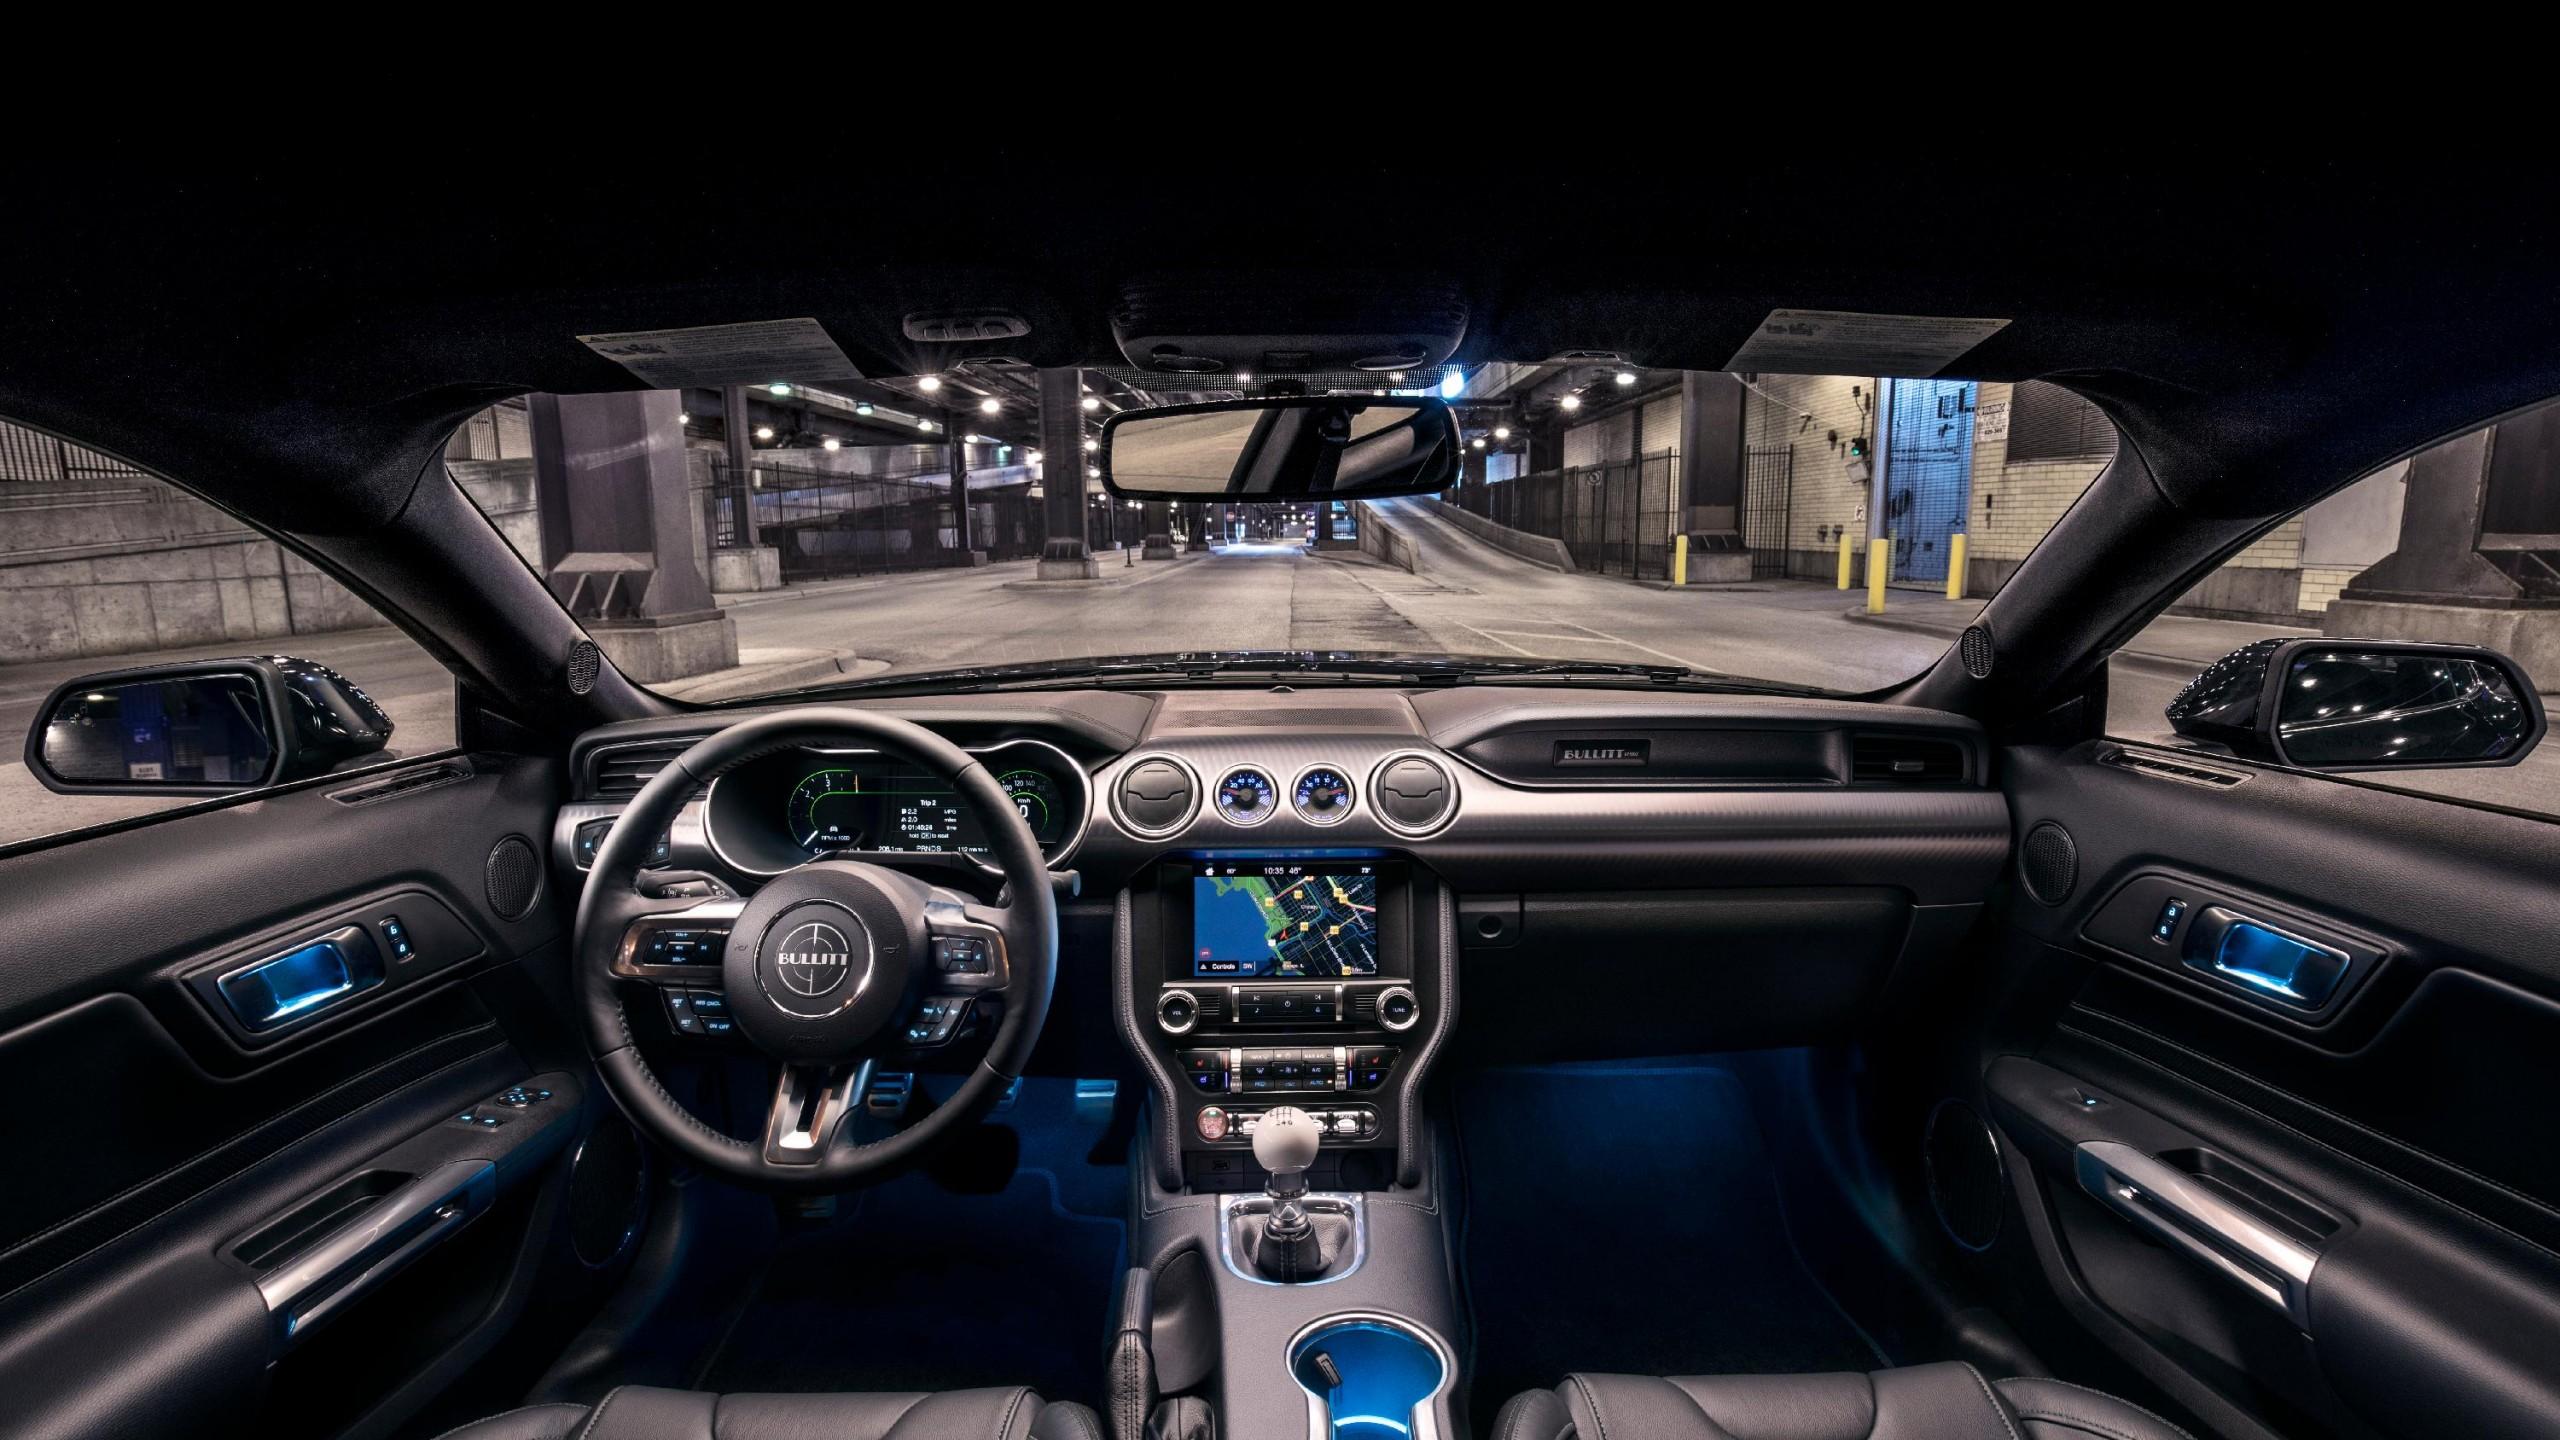 Wallpaper Ford Mustang Bullitt, 2018 Cars, interior, 4k ...